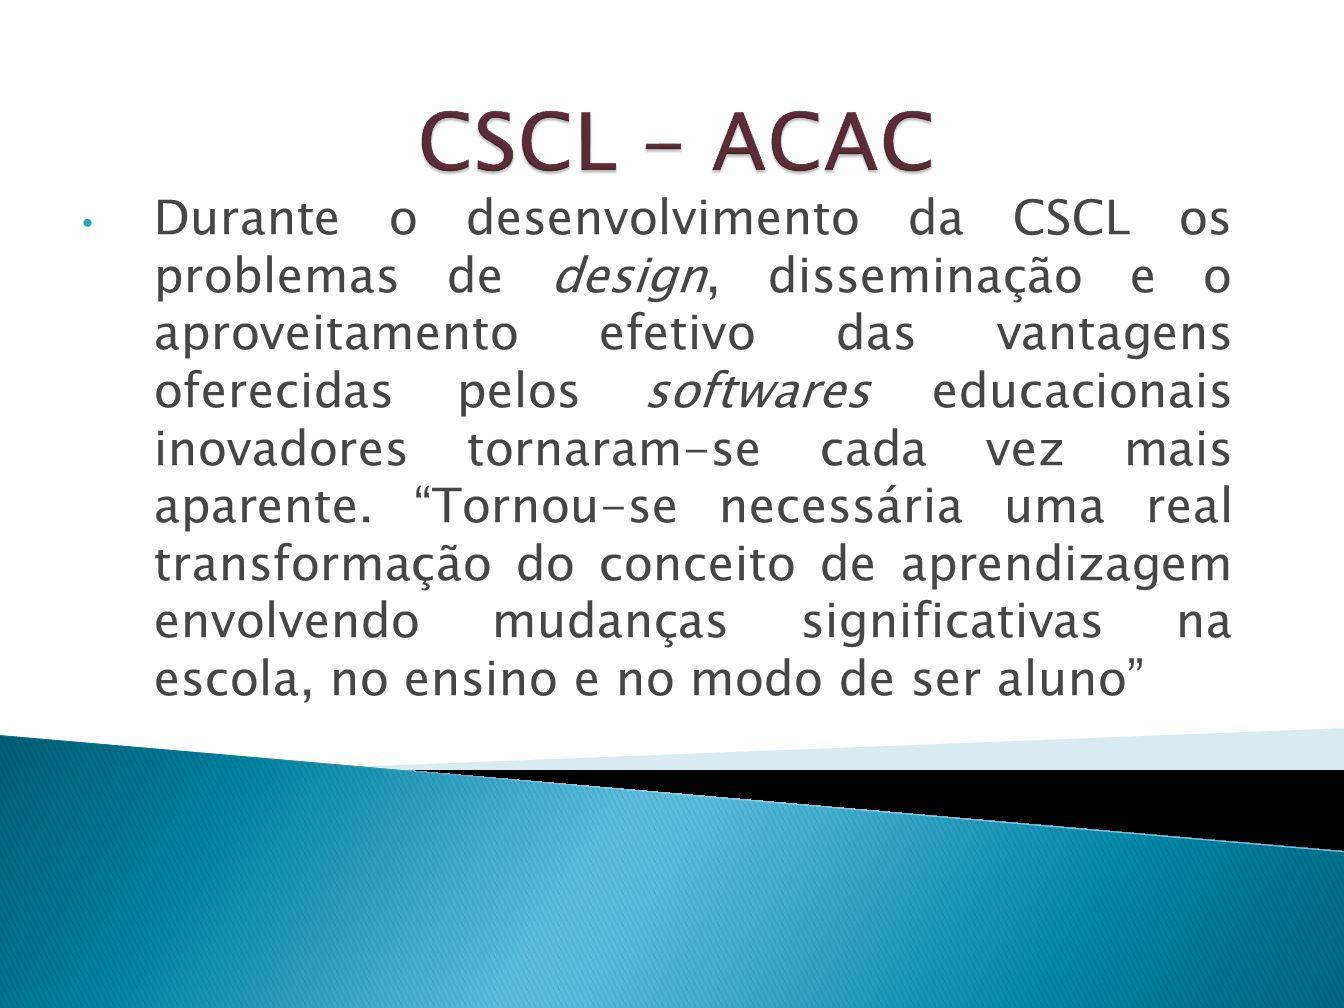 Durante o desenvolvimento da CSCL os problemas de design, disseminação e o aproveitamento efetivo das vantagens oferecidas pelos softwares educacionai